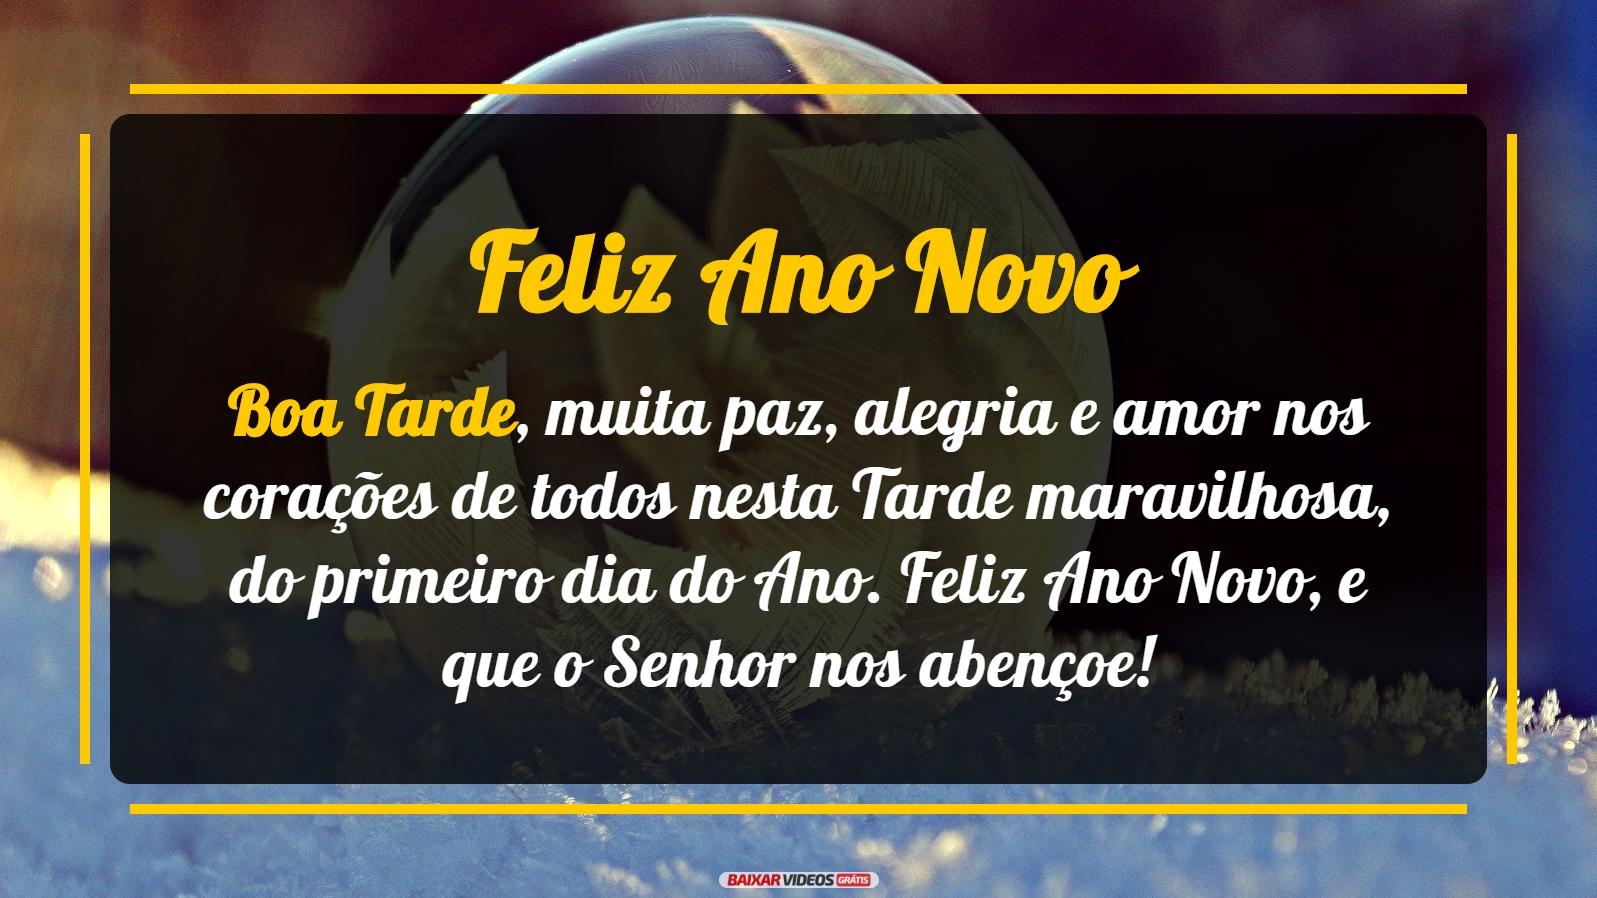 Boa tarde, muita paz, alegria e amor nos corações de todos nesta Tarde maravilhosa, do primeiro dia do Ano. Feliz Ano Novo, e que o Senhor nos abençoe!